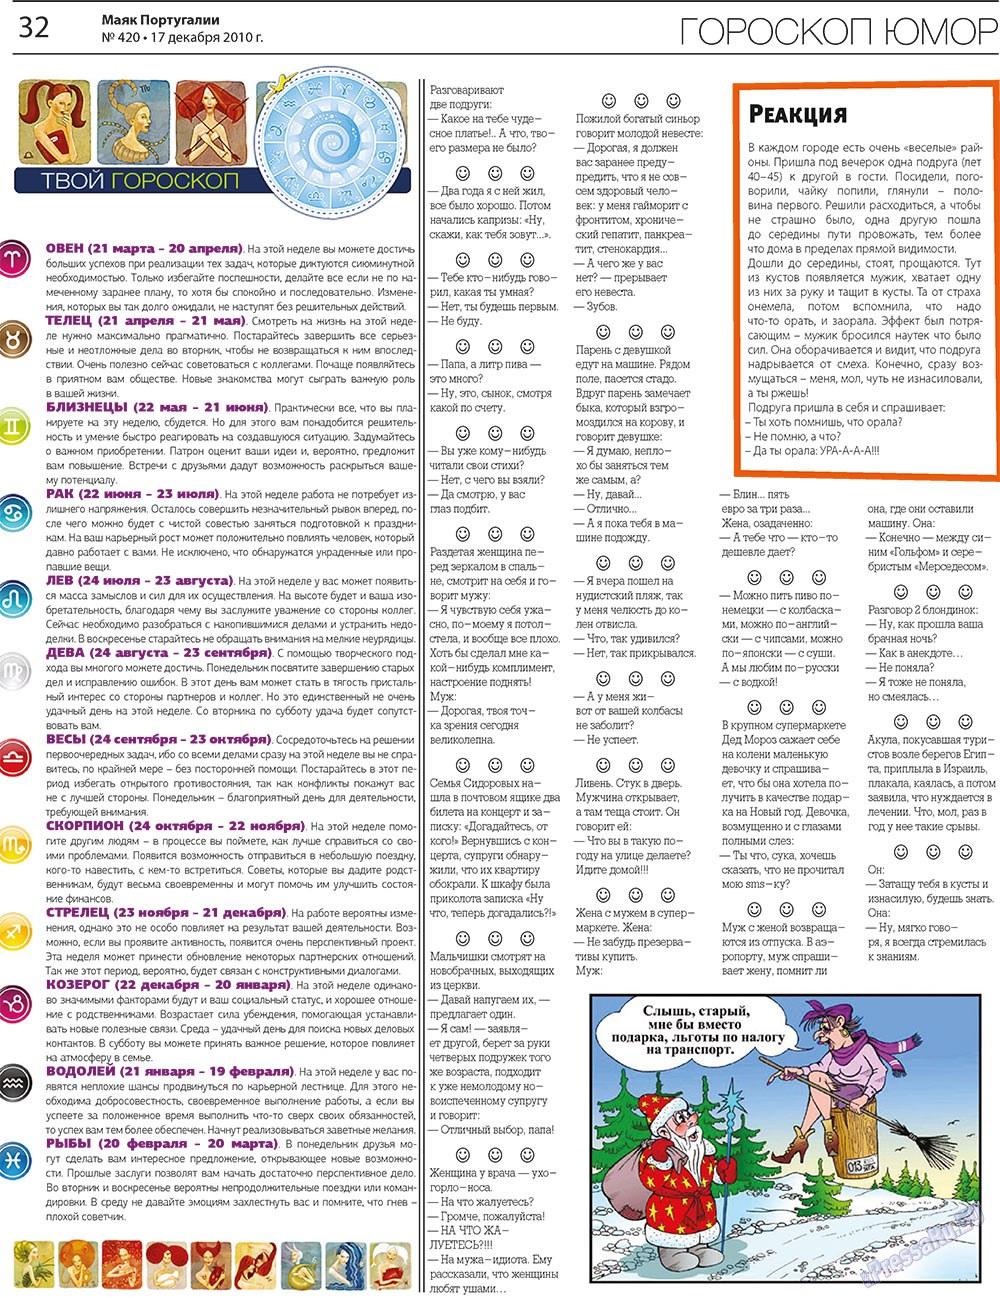 Маяк Португалии (газета). 2010 год, номер 420, стр. 32